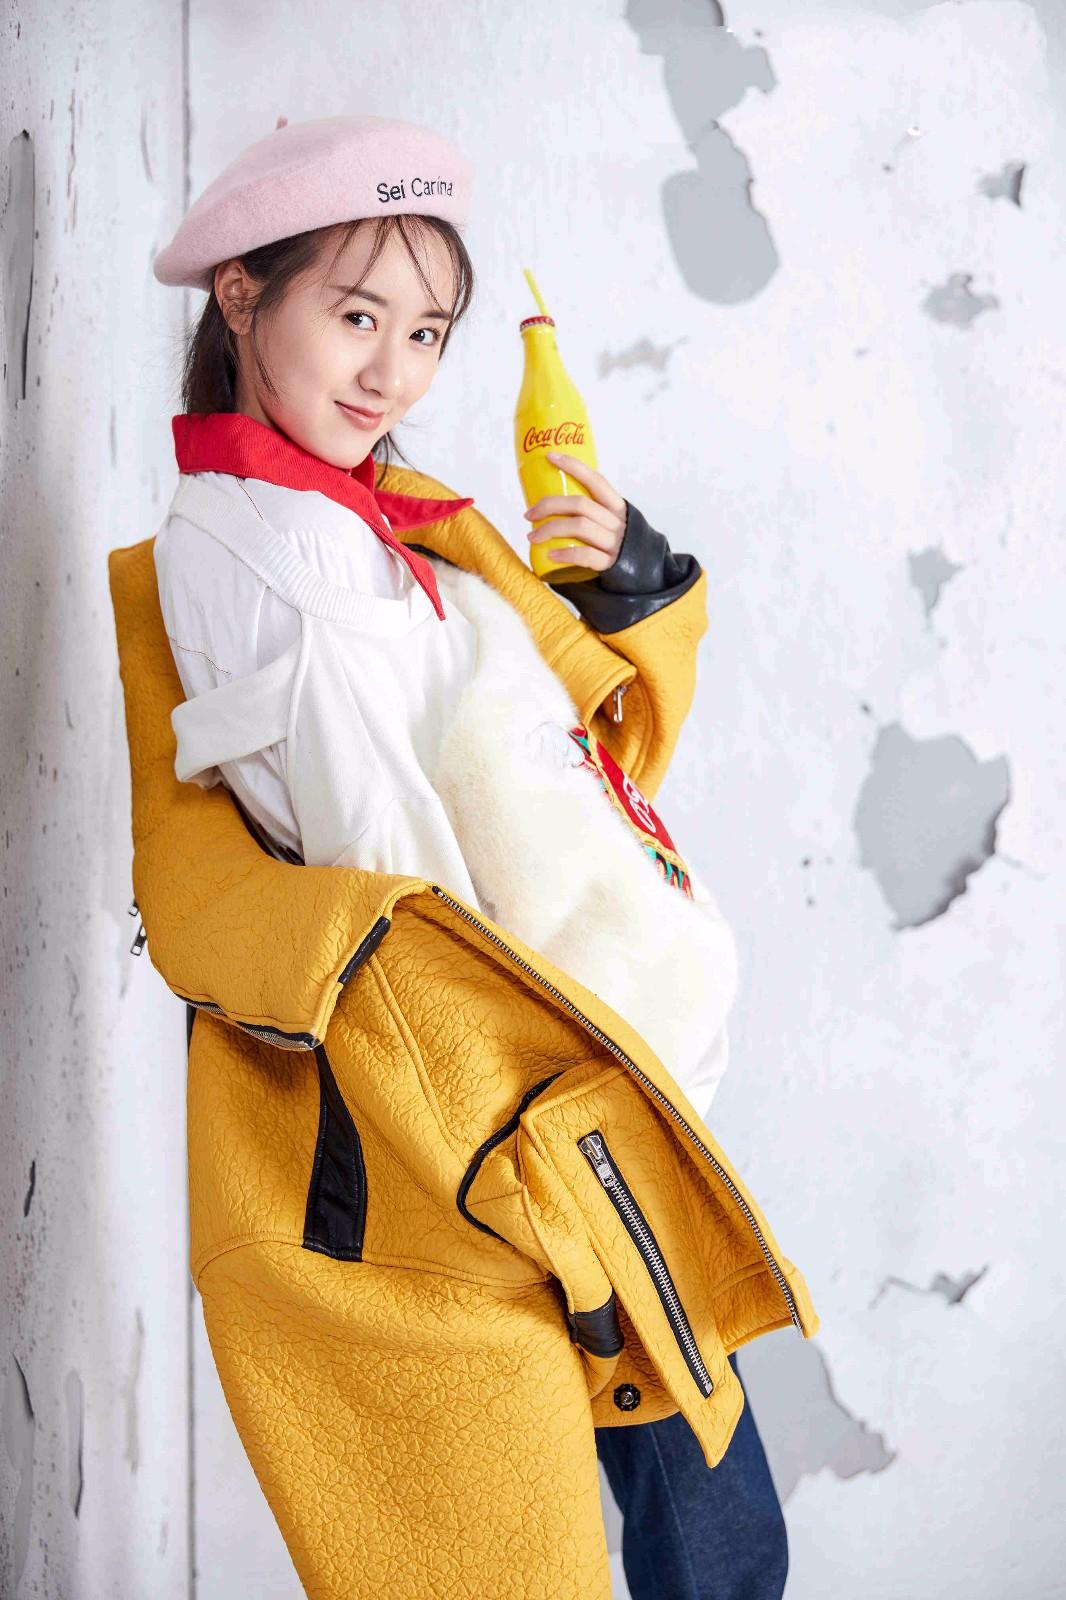 袁冰妍时尚写真玩转混搭风 完美诠释糖果系女孩